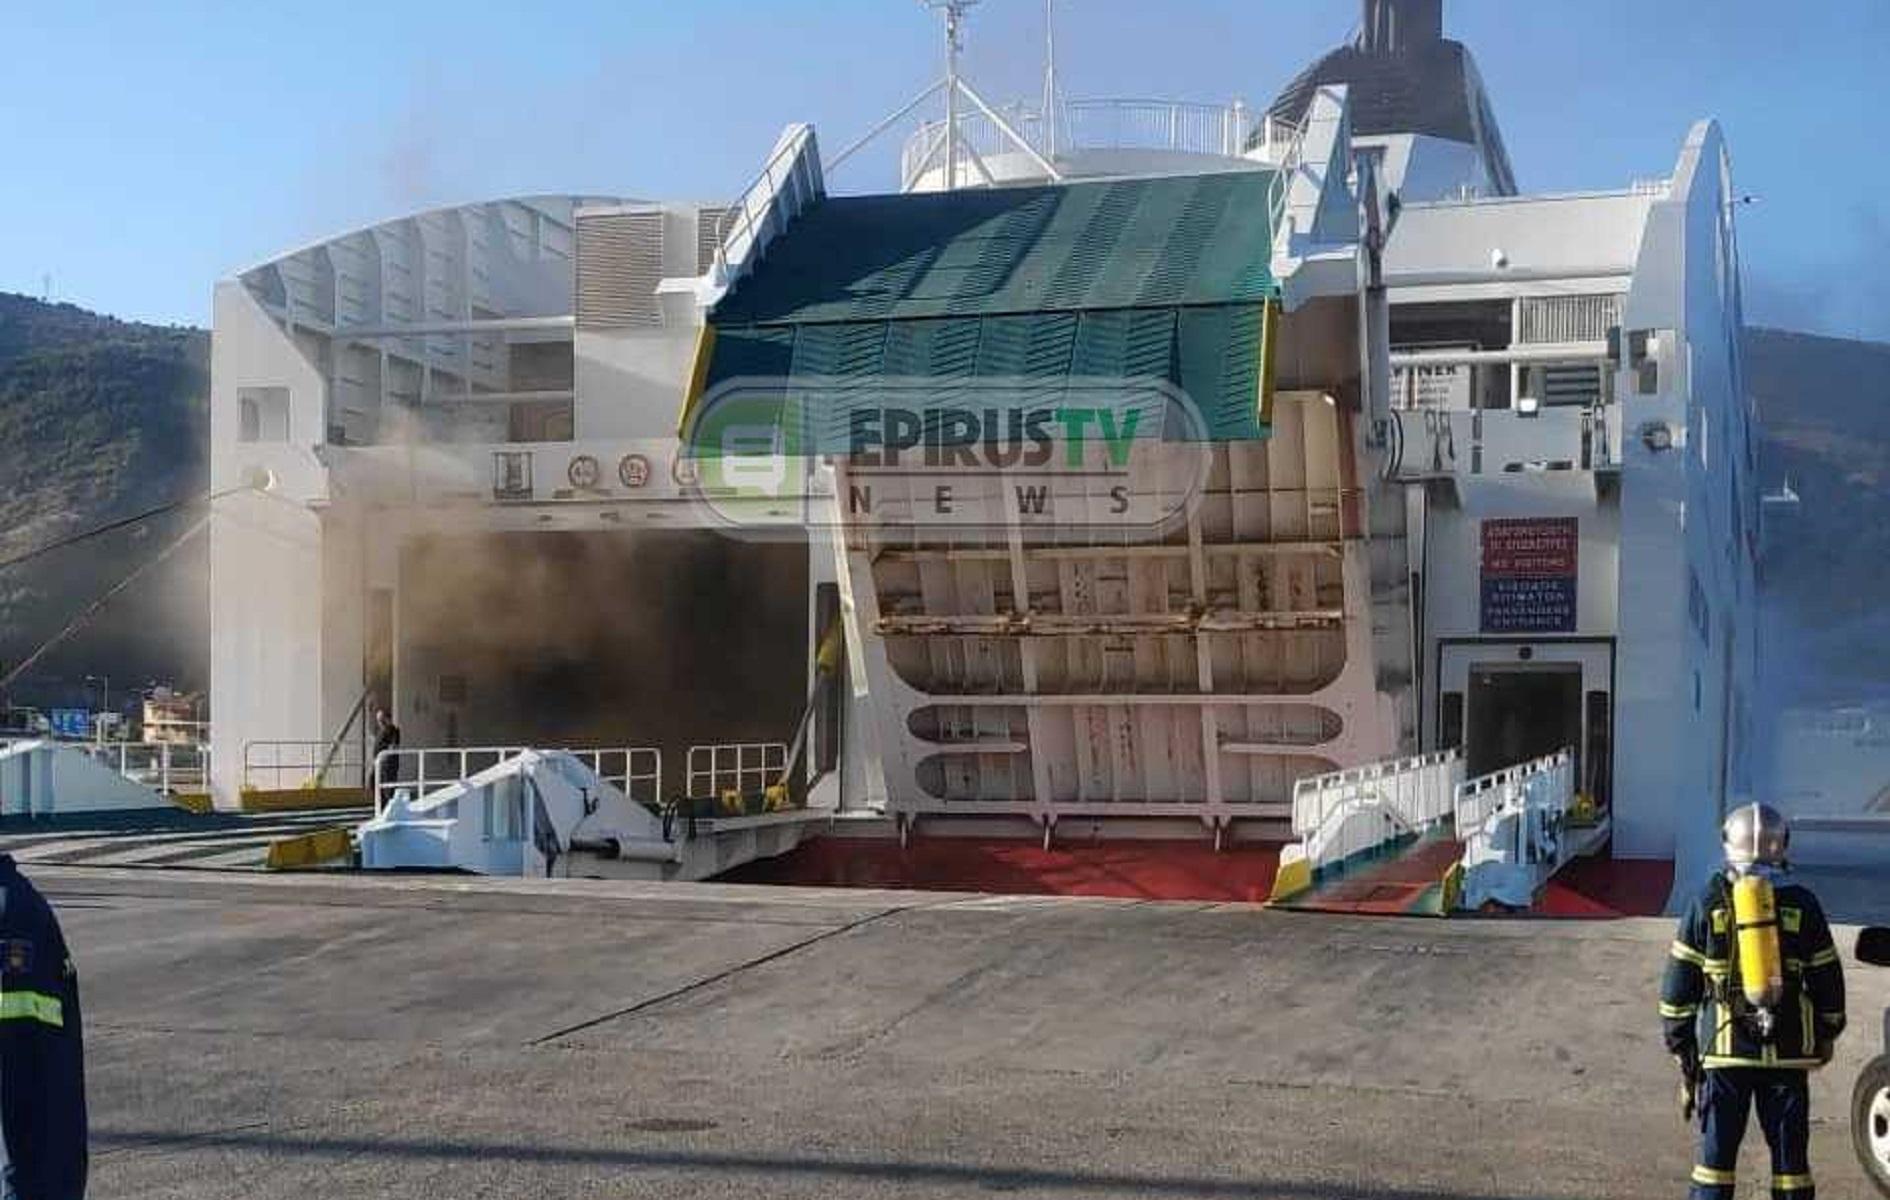 Φωτιά σε πλοίο στην Ηγουμενίτσα! Έχει 538 επιβαίνοντες και 74 άτομα πλήρωμα!